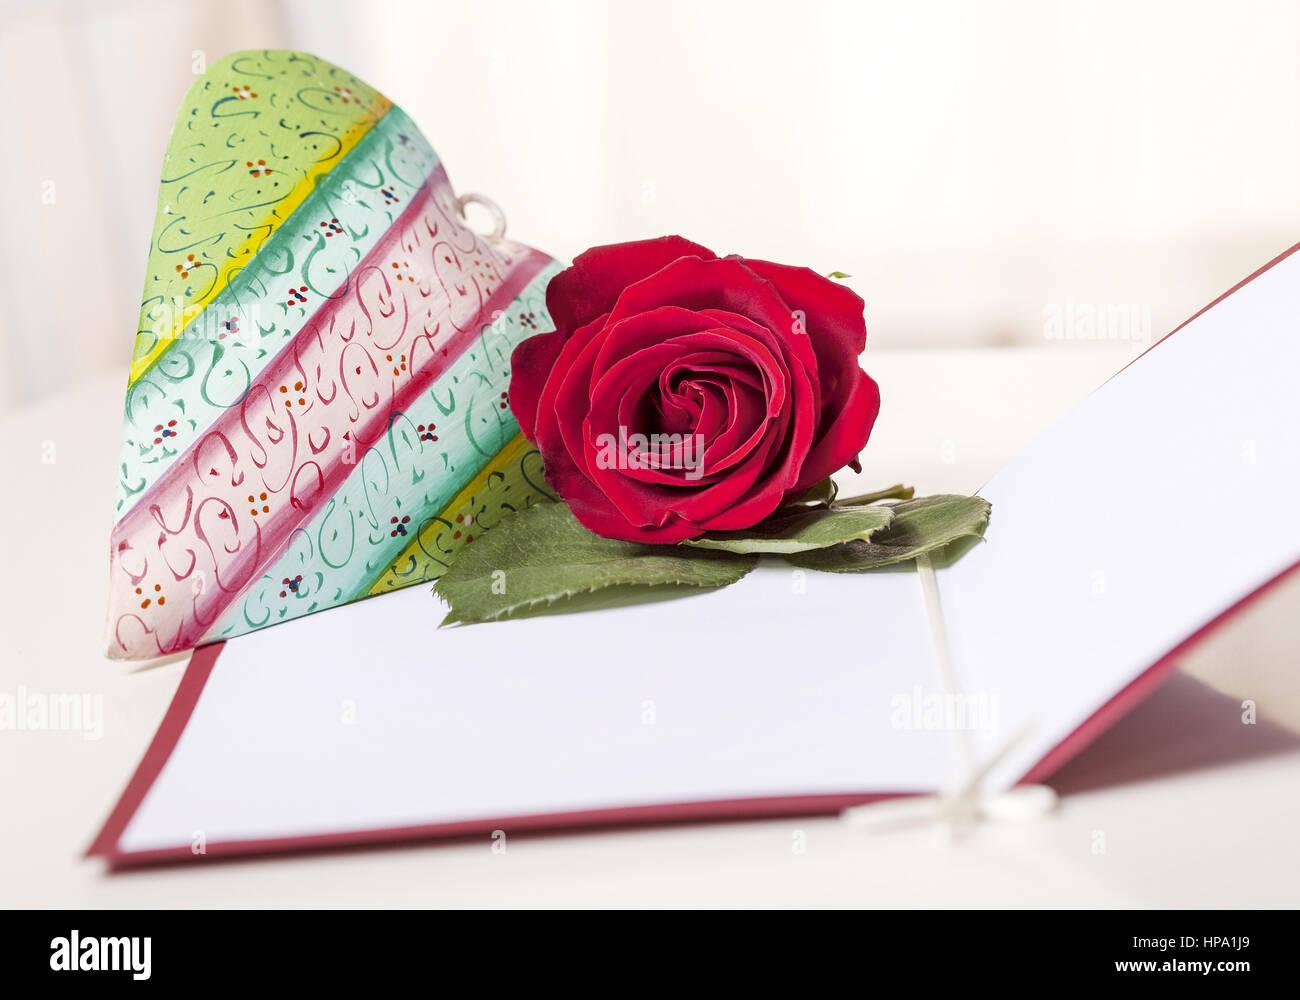 Muttertag, Herz und Rose auf Karte - Stock Image